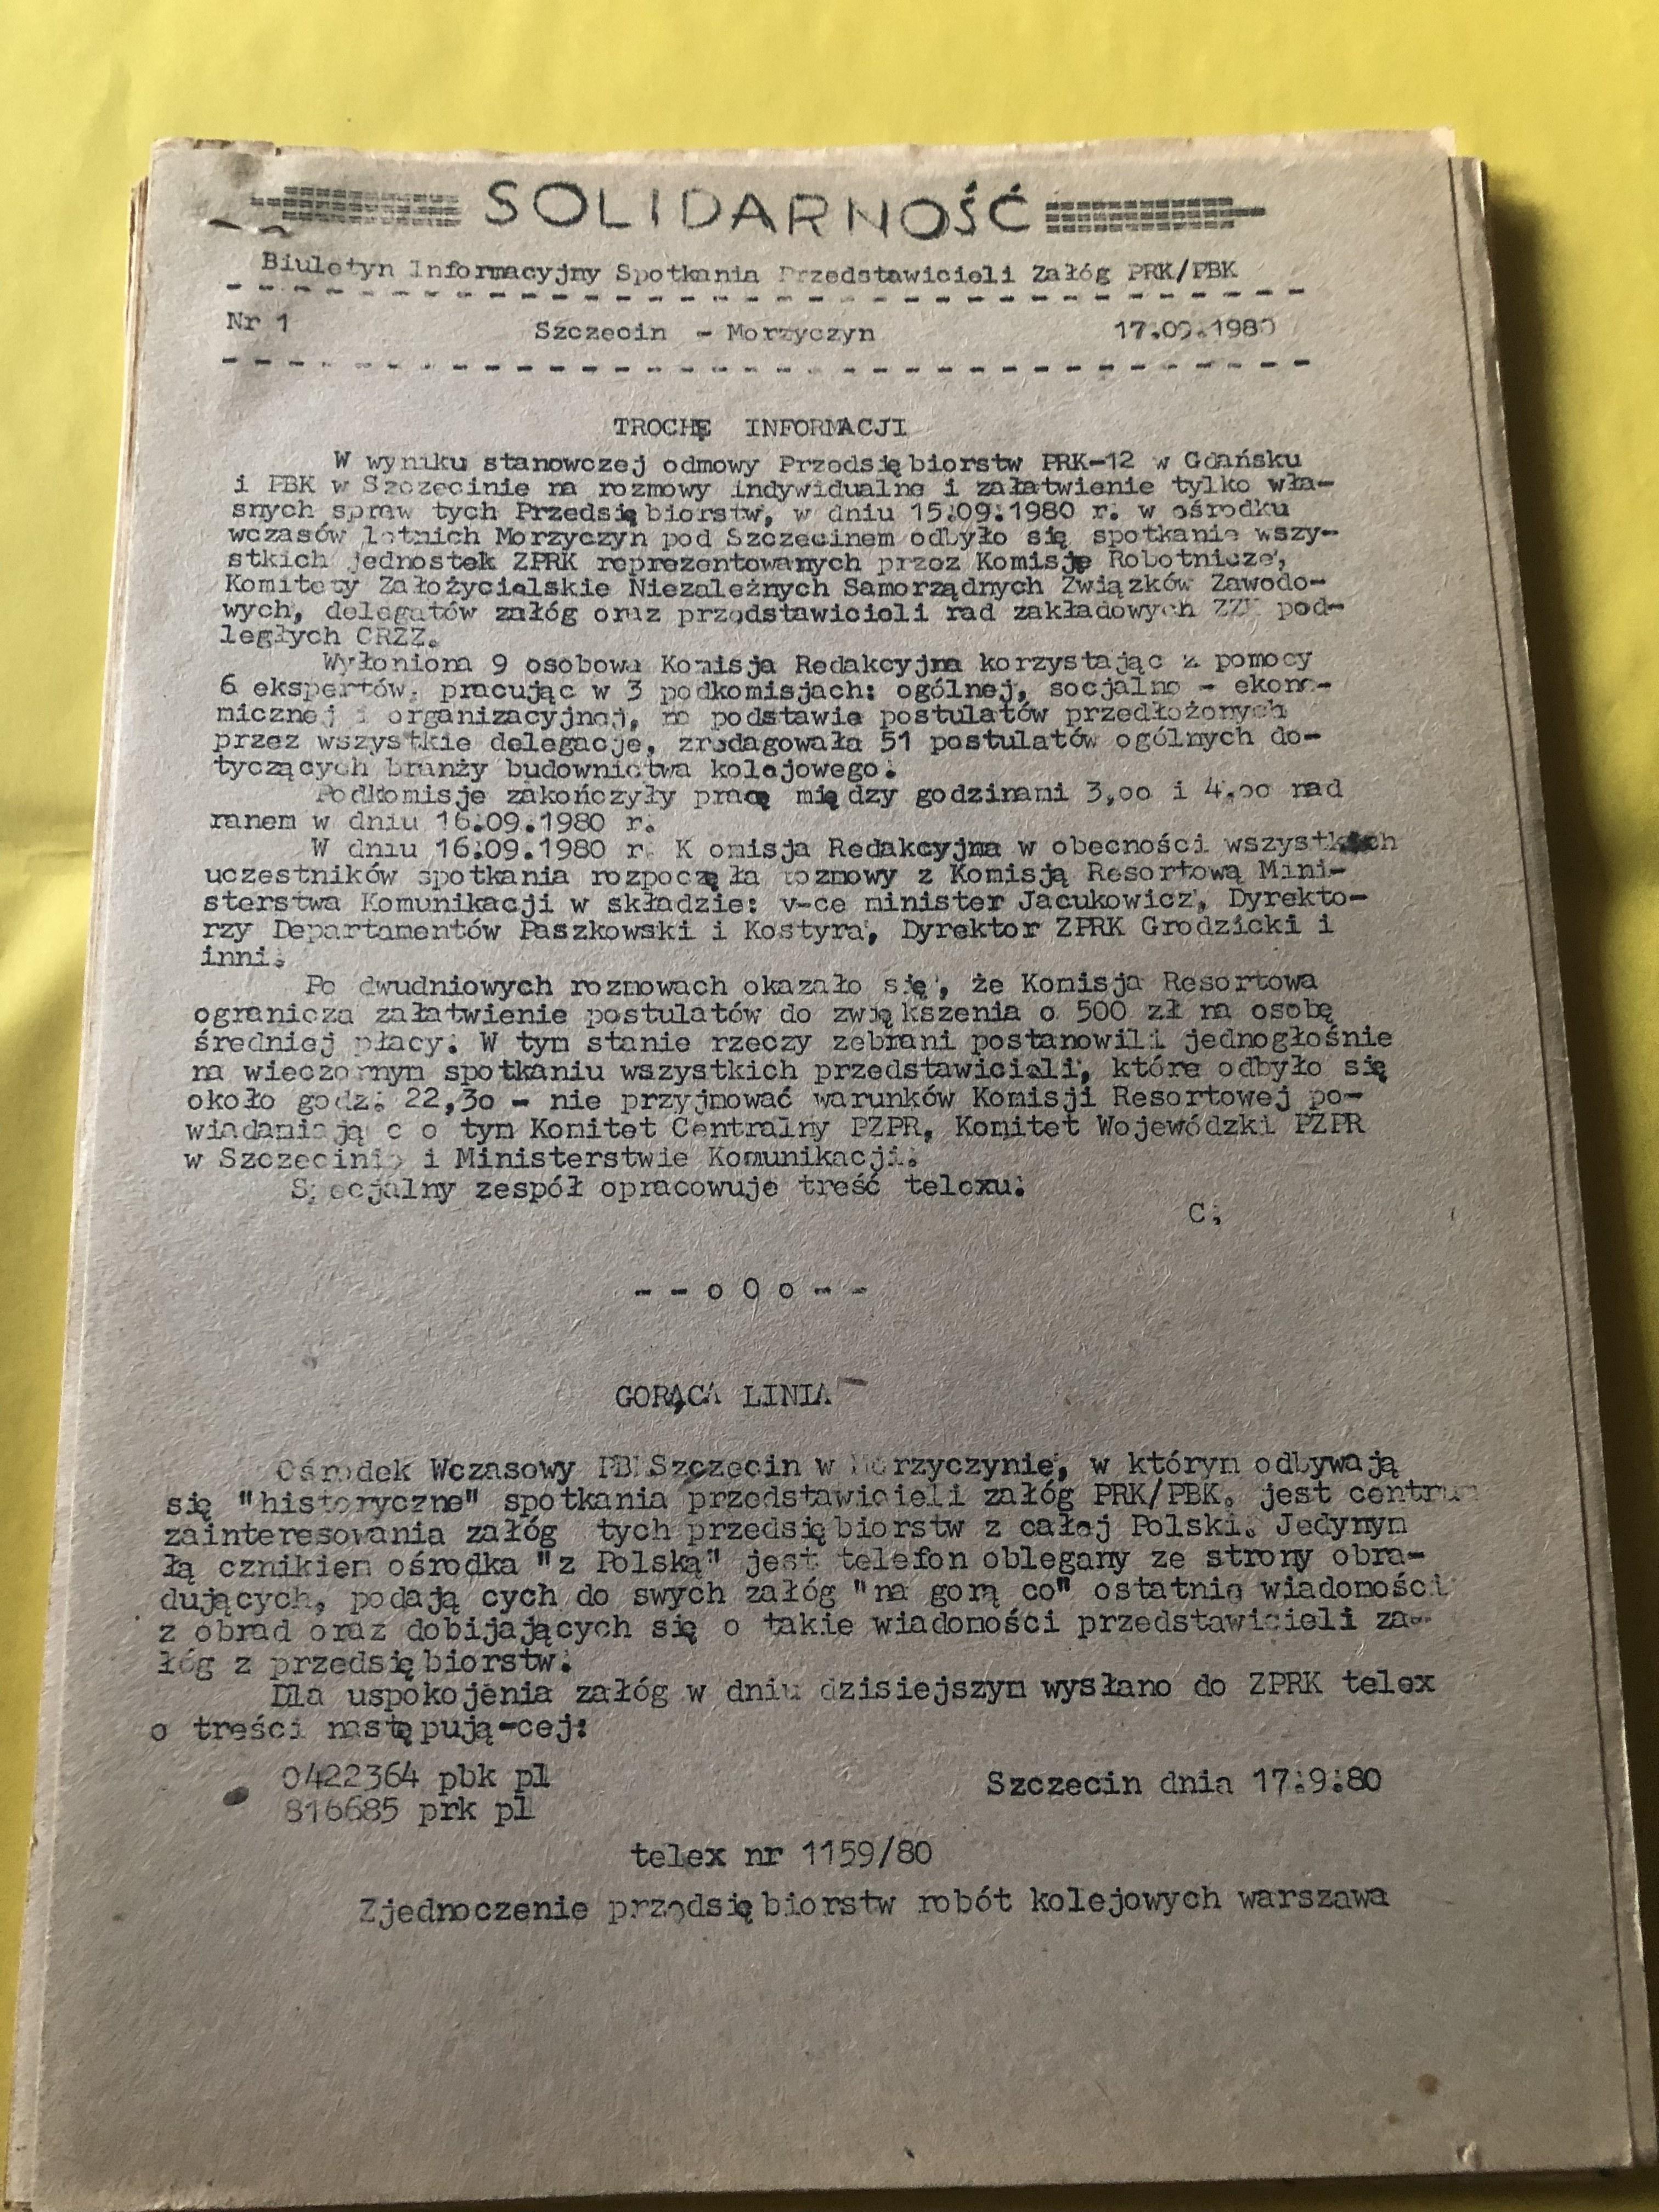 Solidarność, Biuletyn Informacyjny Spotkania Przedstawicieli Załóg PRK/PBK, Nr 1, Szczecin-Morzyczyn, 17 września 1980